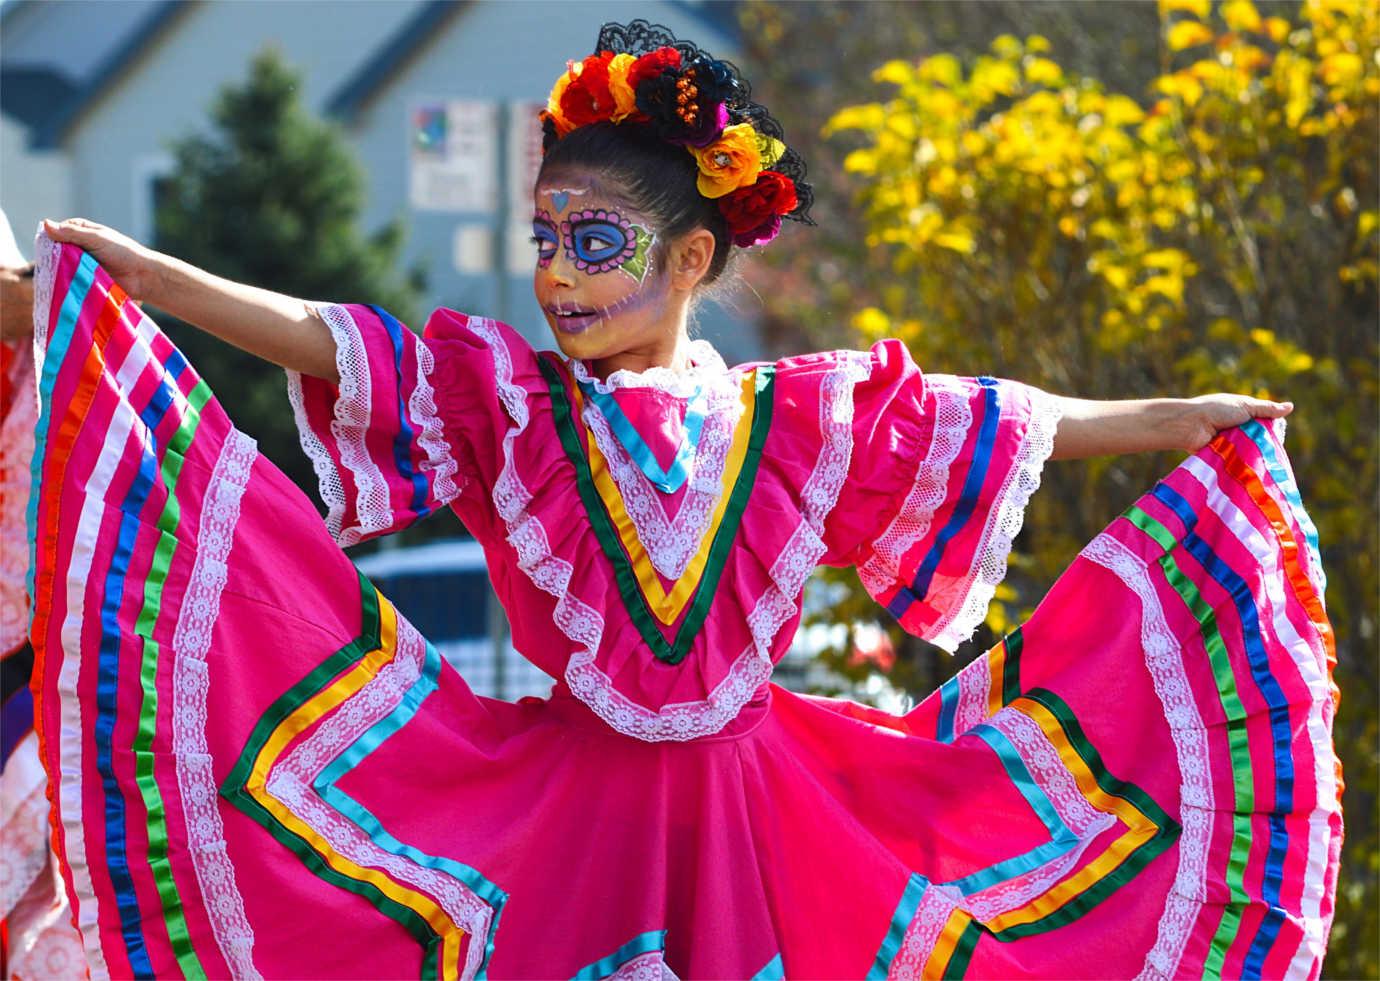 The Longmont Museum's premier event is the annual celebration of *Dia de los Muertos.* Image courtesy of the Longmont Museum.